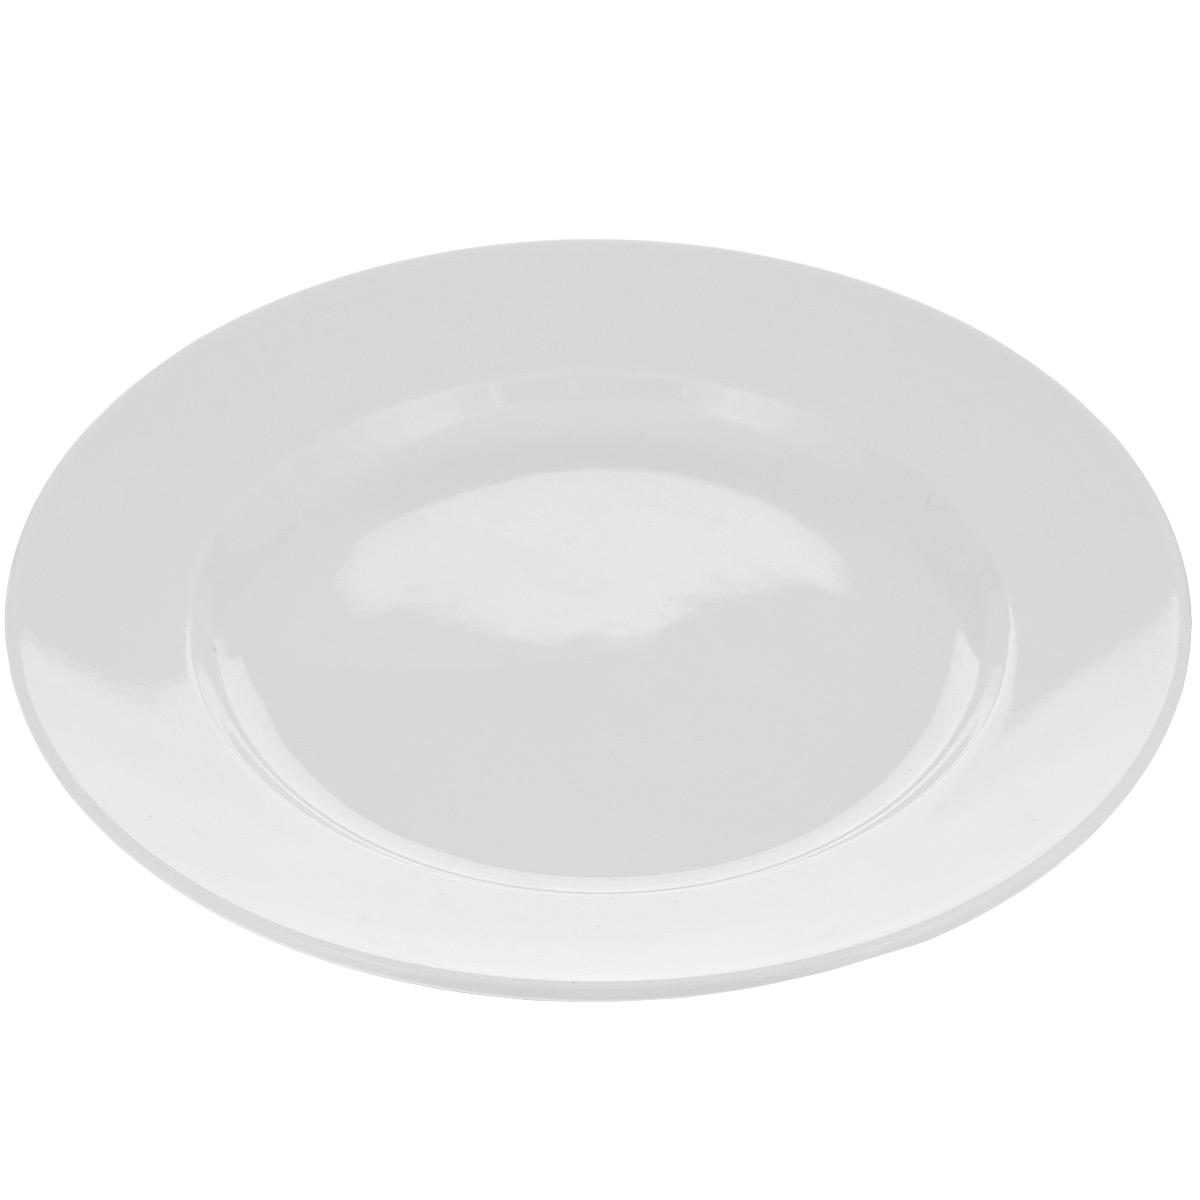 Тарелка десертная Tescoma Opus, диаметр 20 см385110Тарелка Tescoma Opus выполнена из высококачественного фарфора однотонного цвета и прекрасно подойдет для вашей кухни. Такая тарелка изысканно украсит сервировку как обеденного, так и праздничного стола. Предназначена для подачи десертов. Пригодна для использования в микроволновой печи. Можно мыть в посудомоечной машине.Диаметр: 20 см.Высота тарелки: 2,5 см.